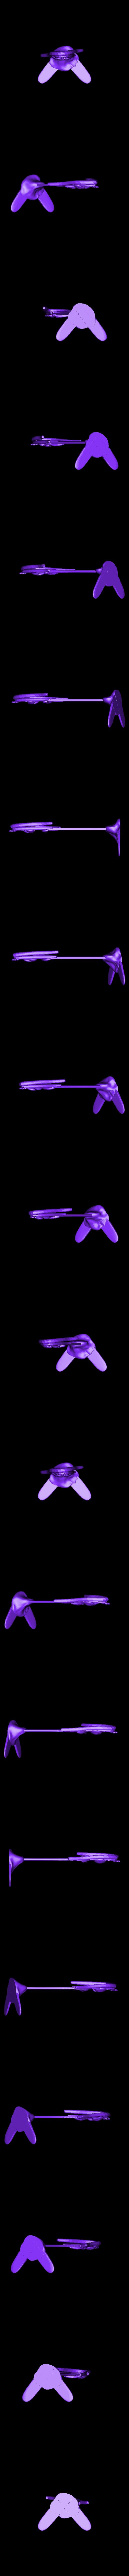 Knifey_v2.stl Télécharger fichier STL gratuit Couteau [Toy Story] • Plan à imprimer en 3D, Dream_it_Model_it